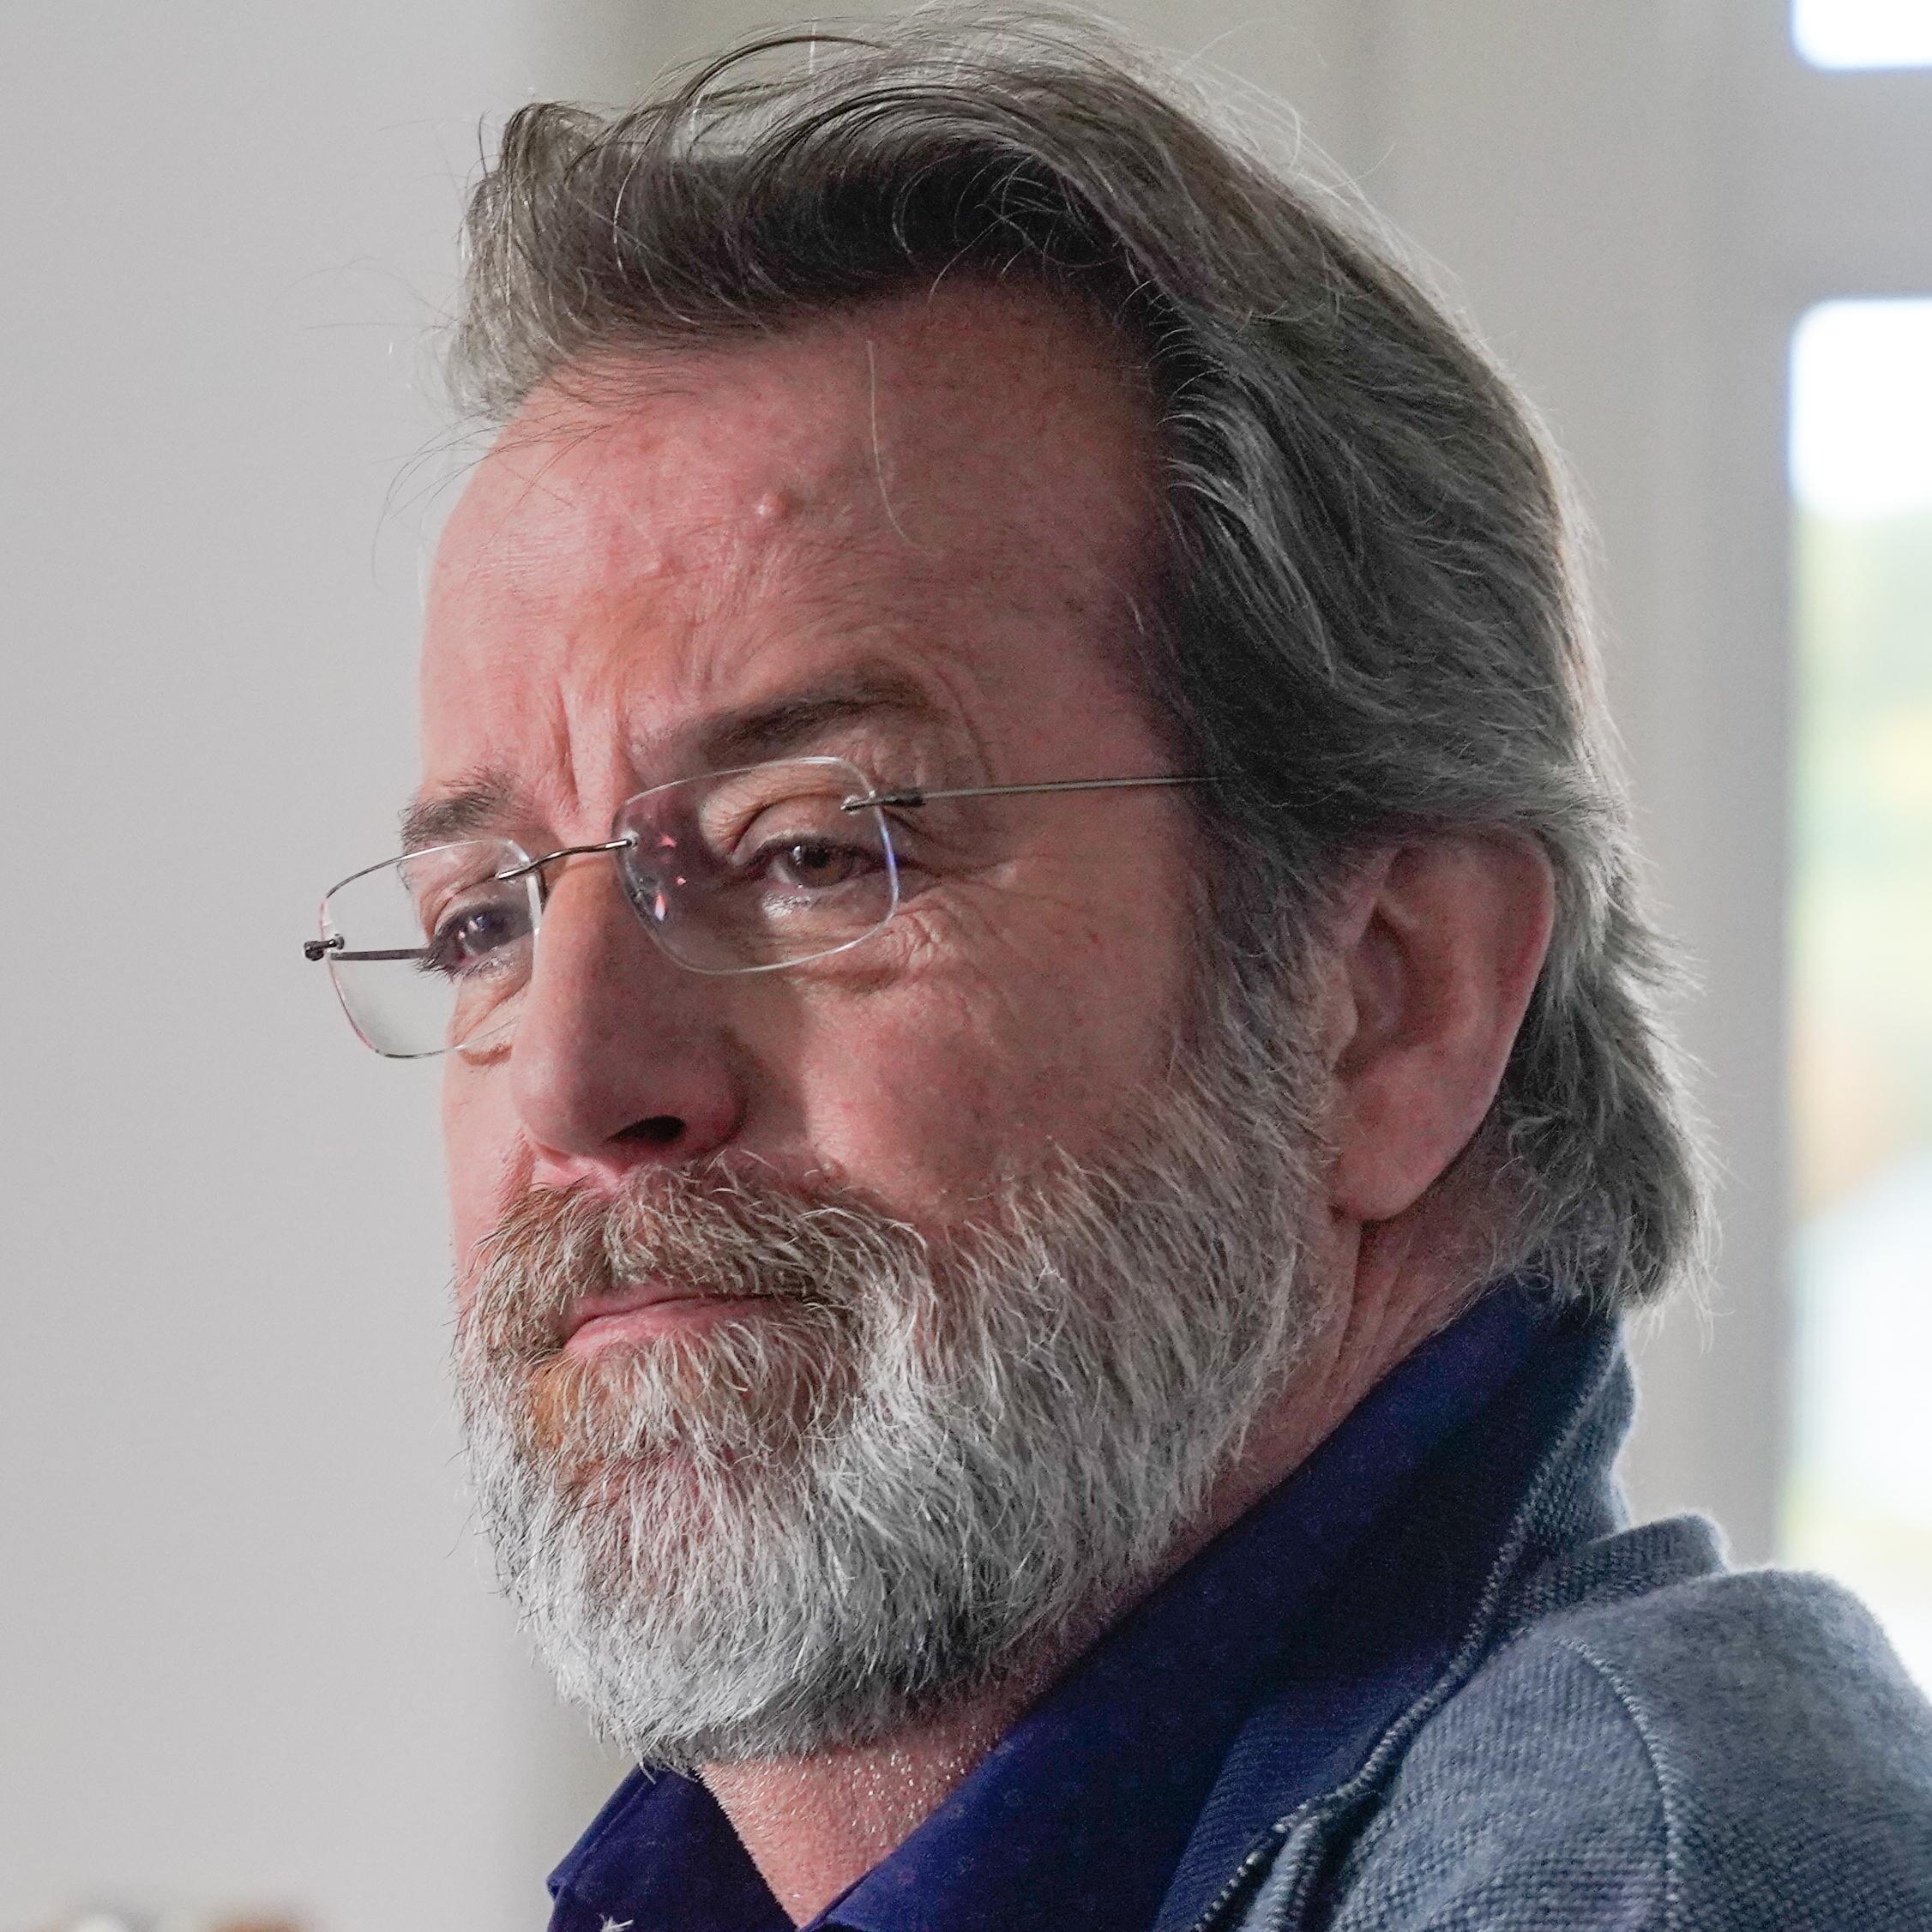 C David Johnson